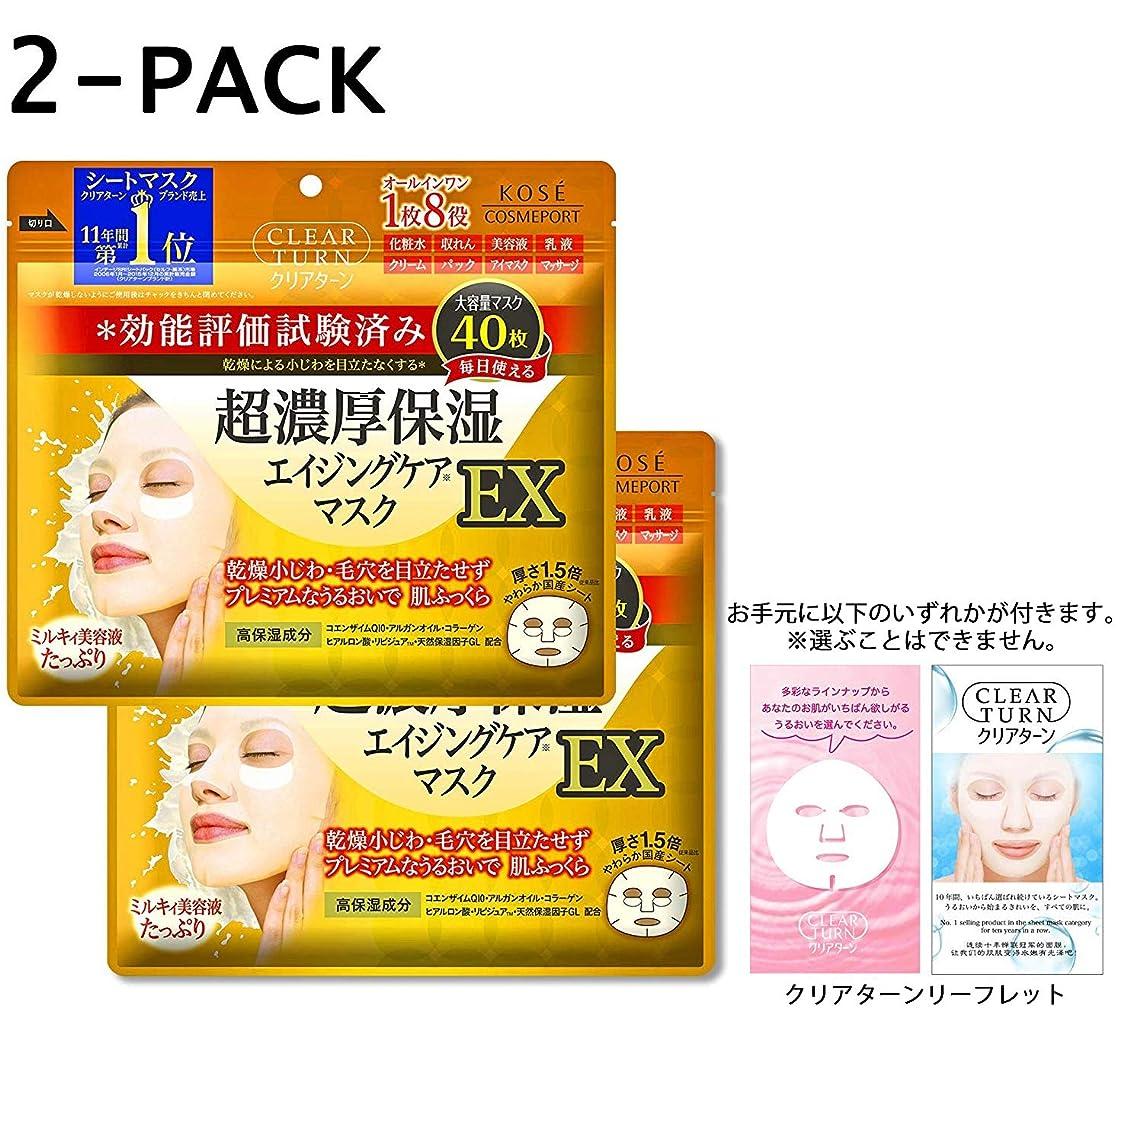 リストあえて見る【Amazon.co.jp限定】KOSE クリアターン 超濃厚保湿マスク EX(40枚入) 2P+リーフレット フェイスマスク